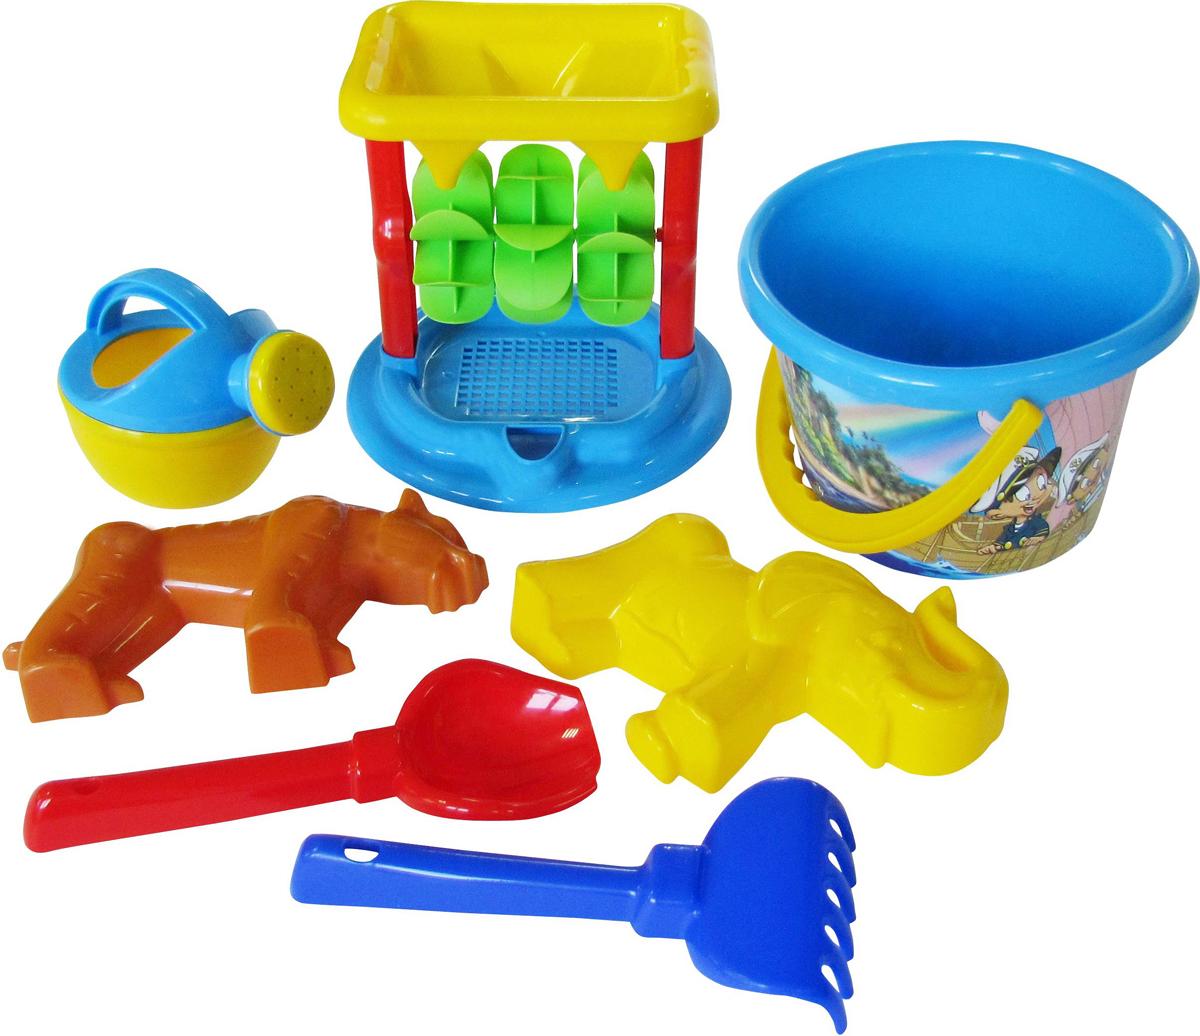 Полесье Набор игрушек для песочницы №350 набор для песочницы полесье 350